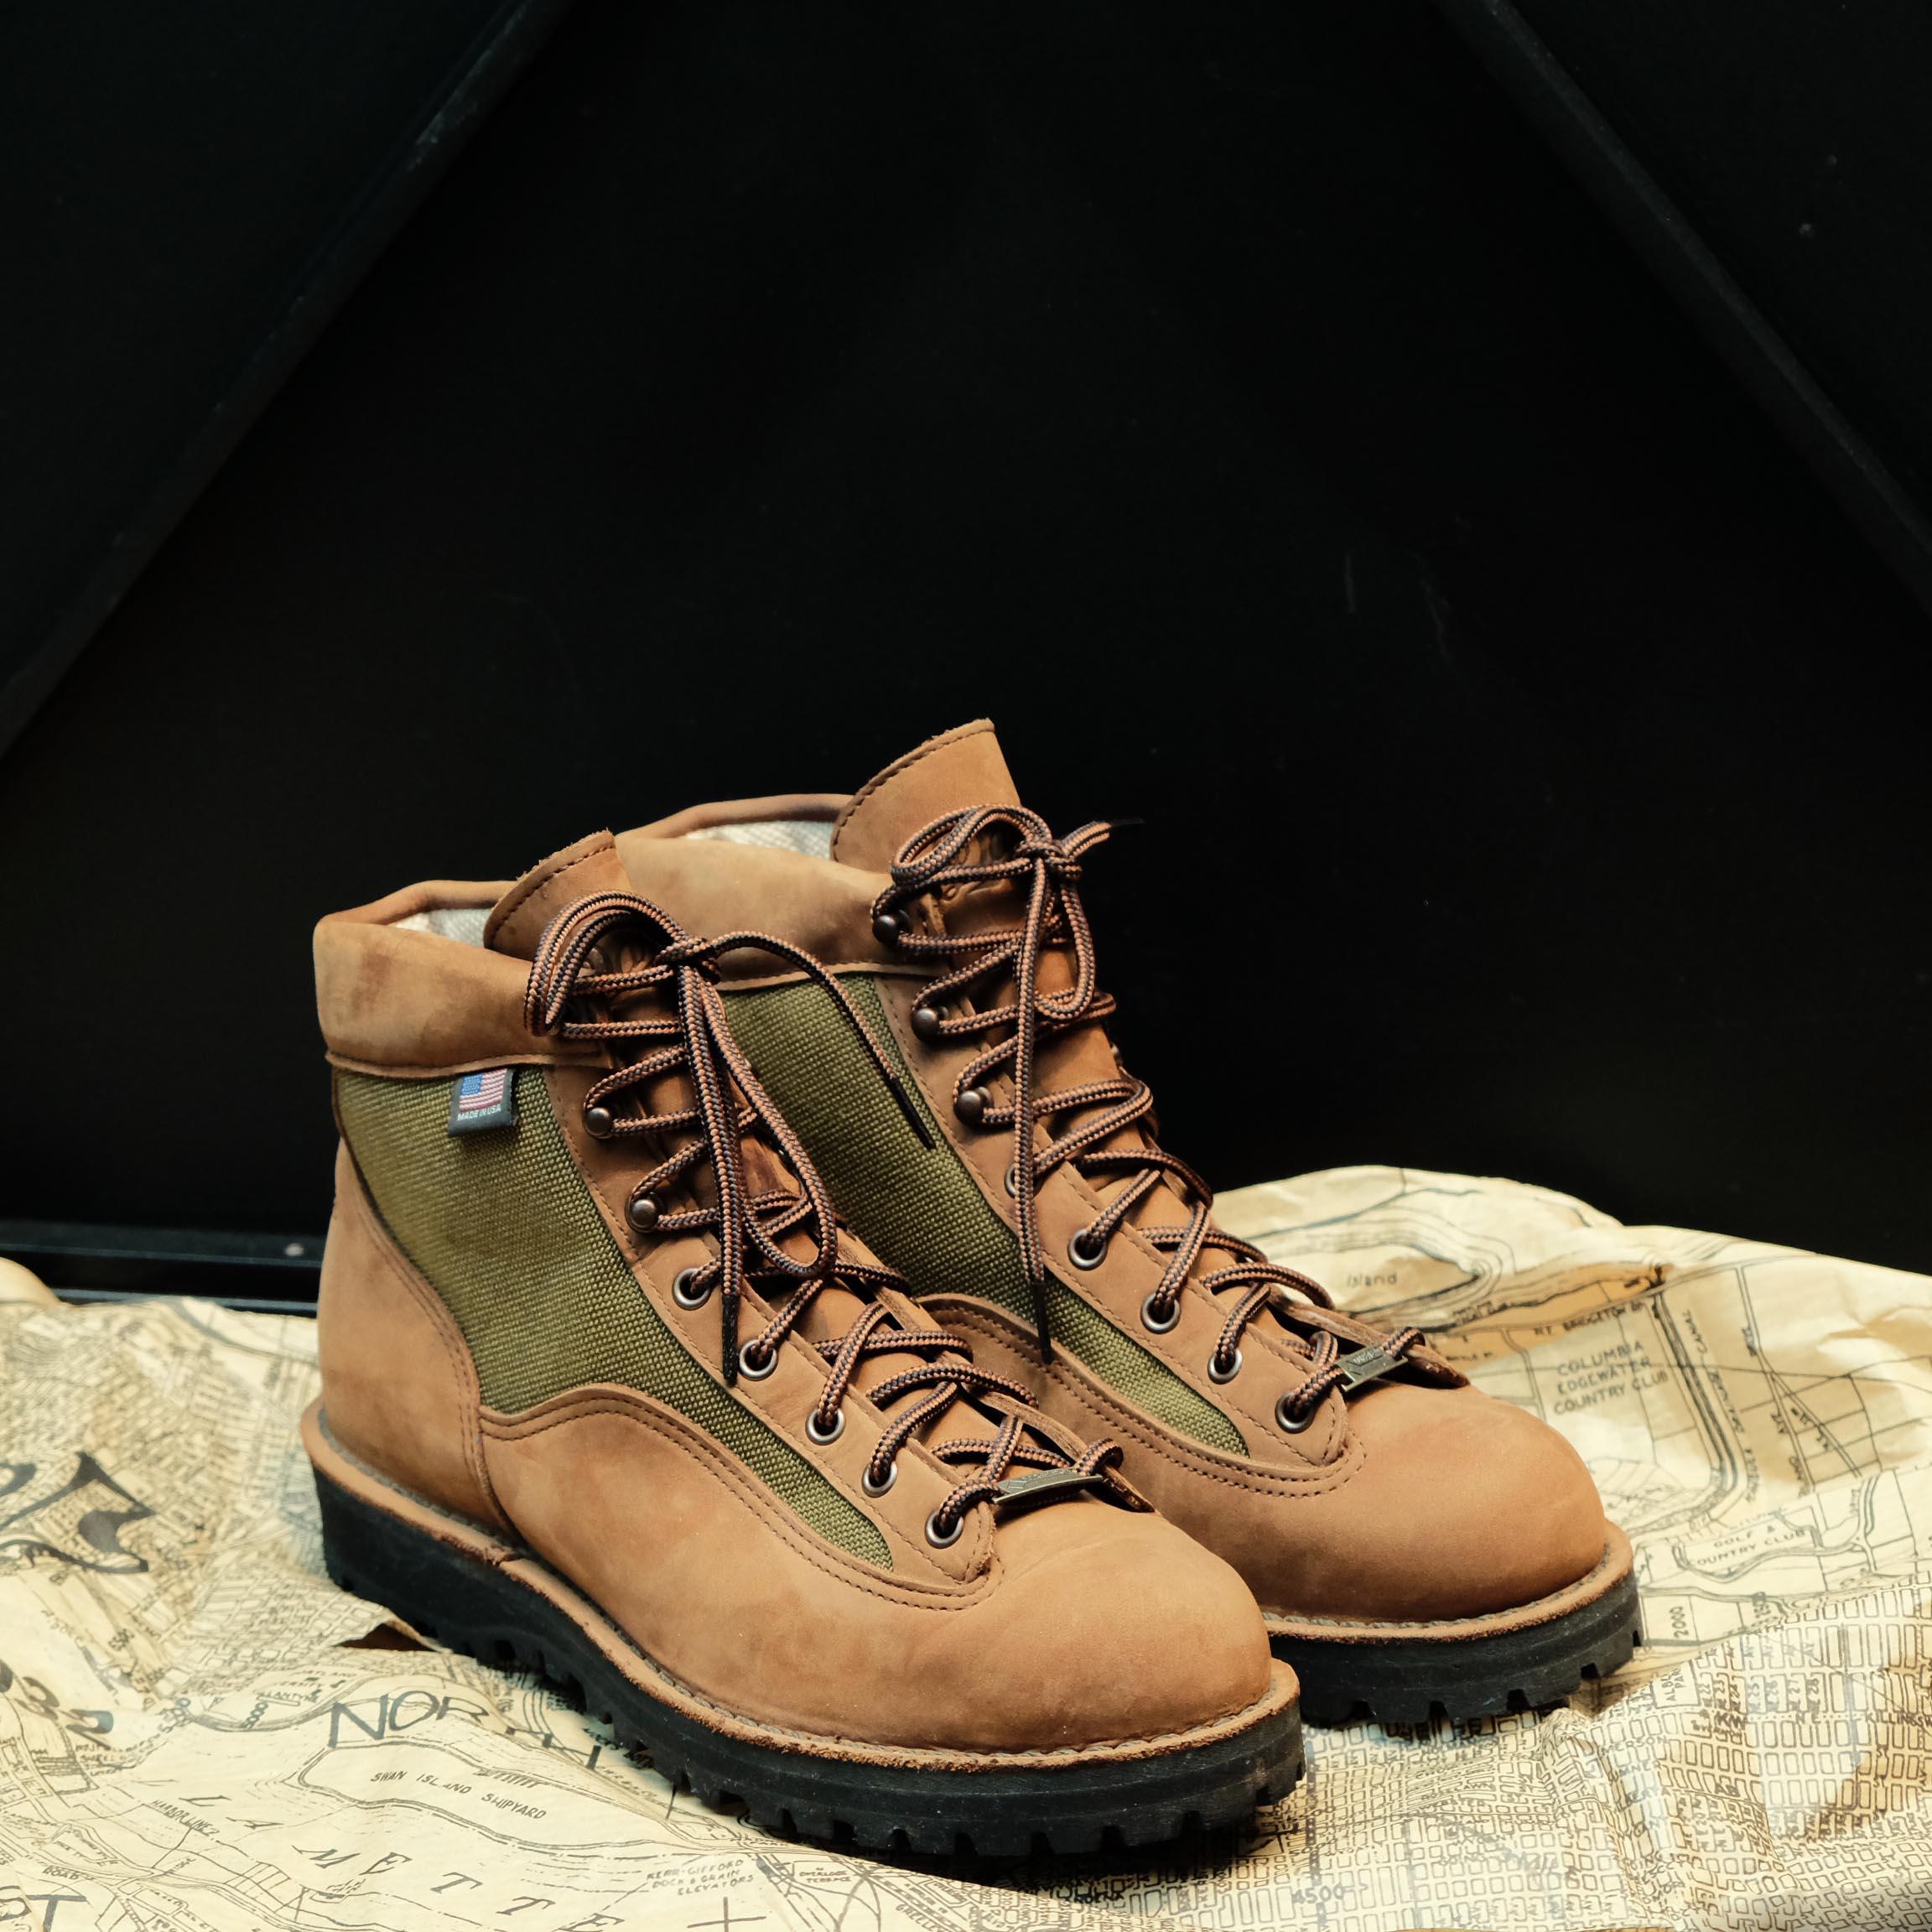 danner-boots-einzelstuek